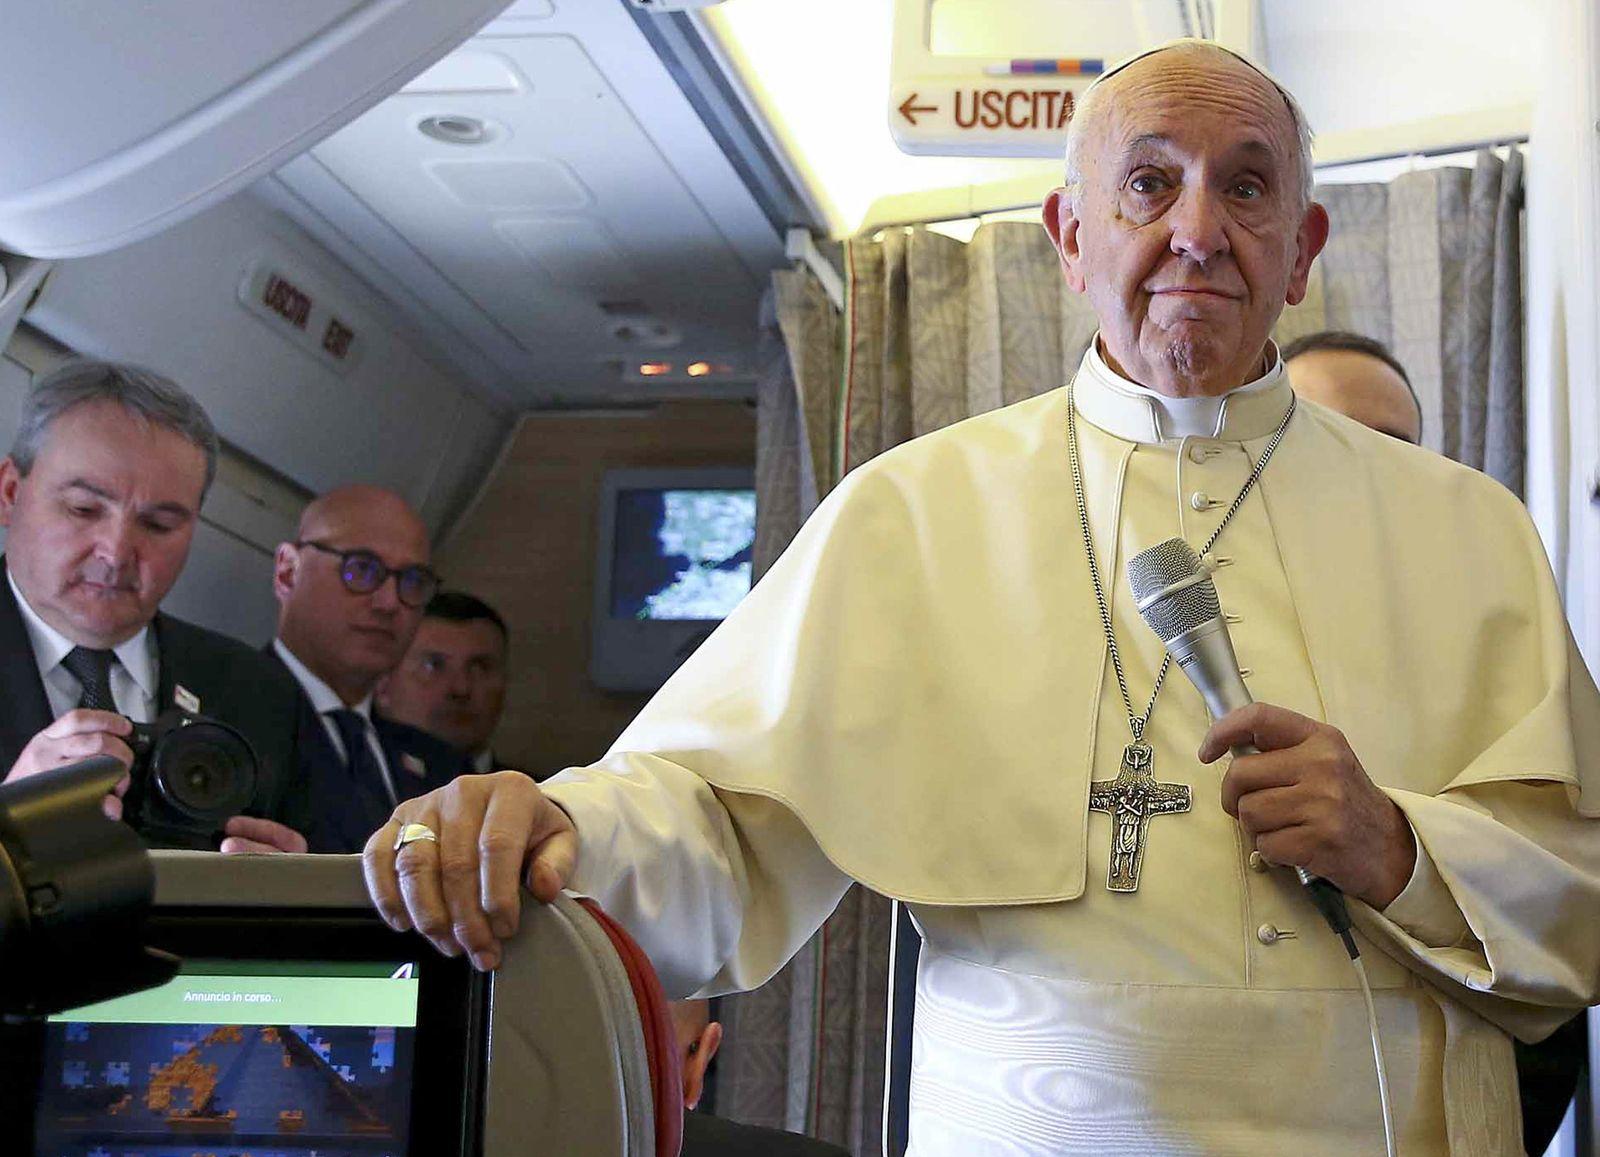 Papst Franziskus beginnt Reise nach Chile und Peru